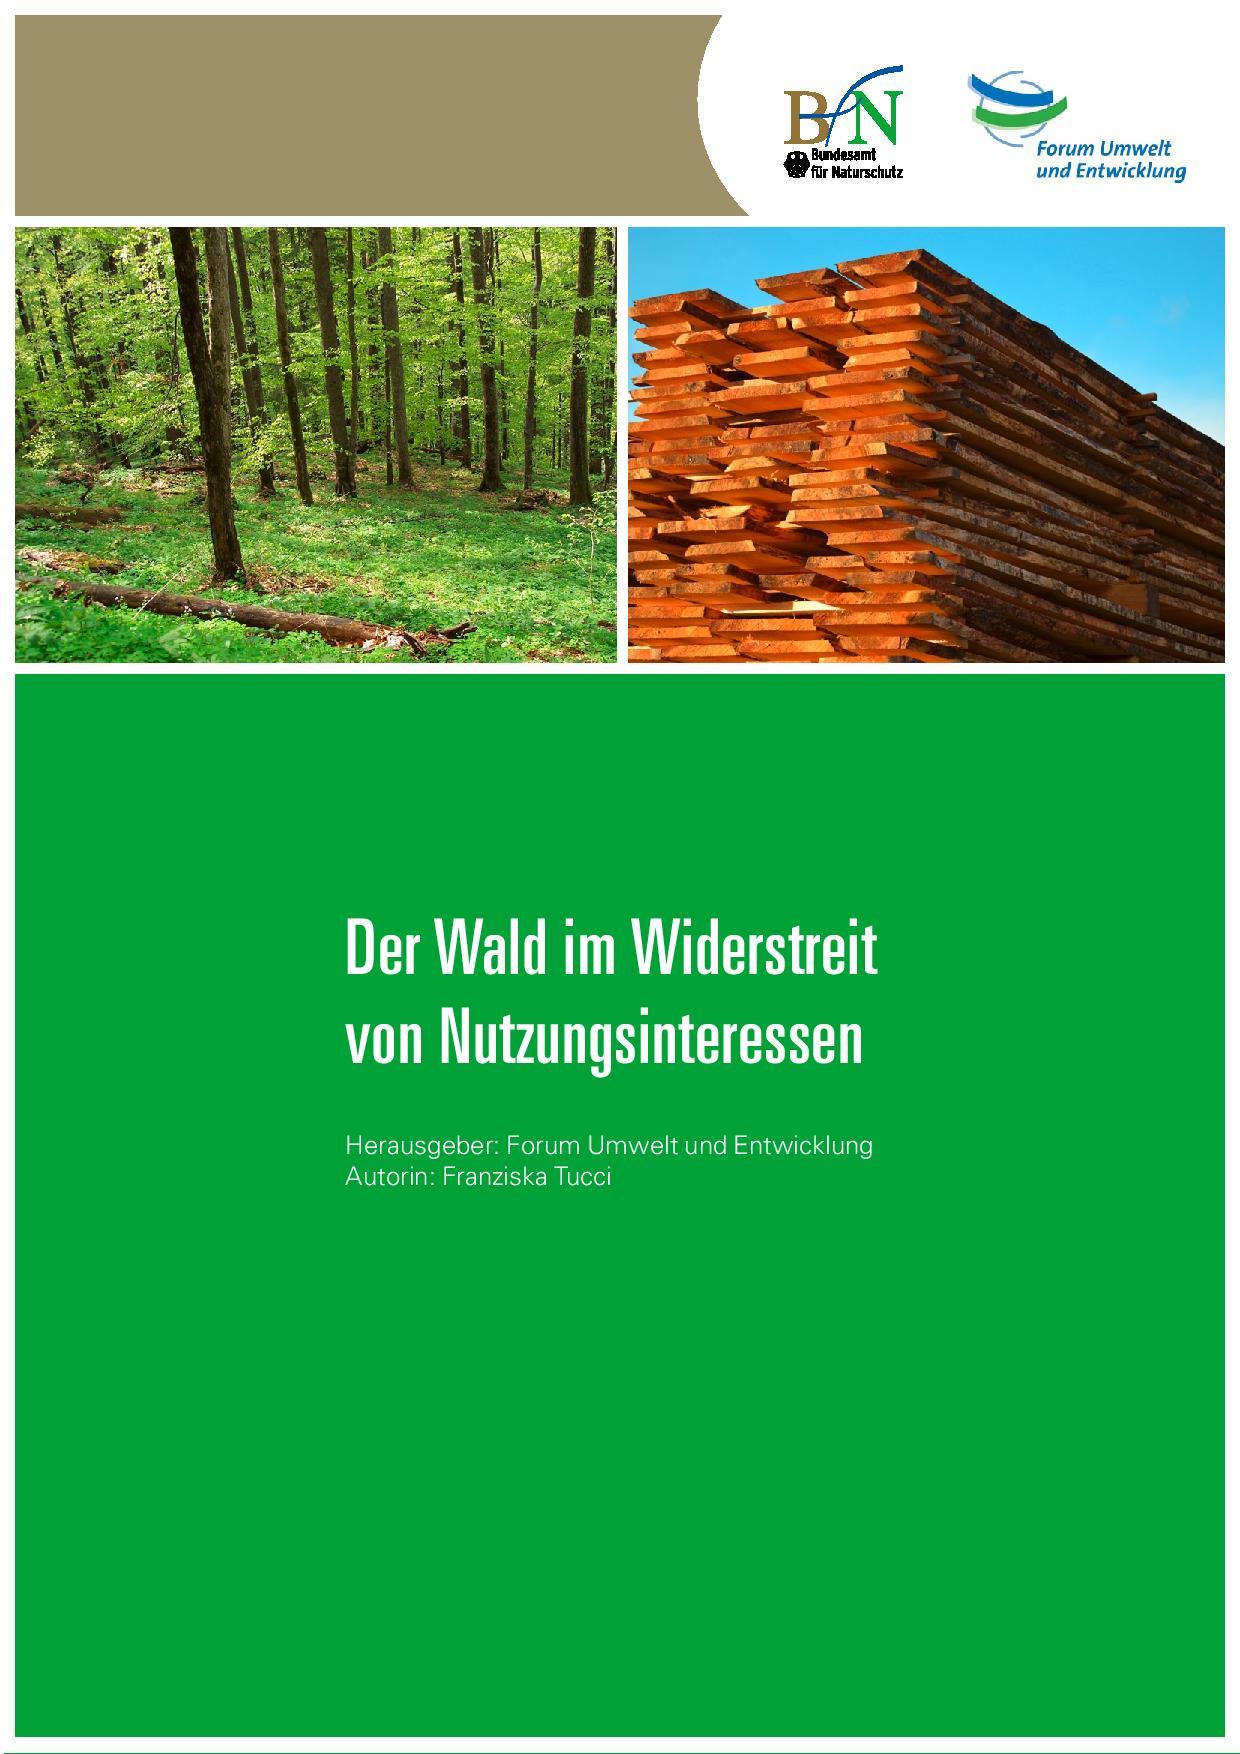 DerWaldimWiderstreitvonNutzungsinteressen_Web-page-001